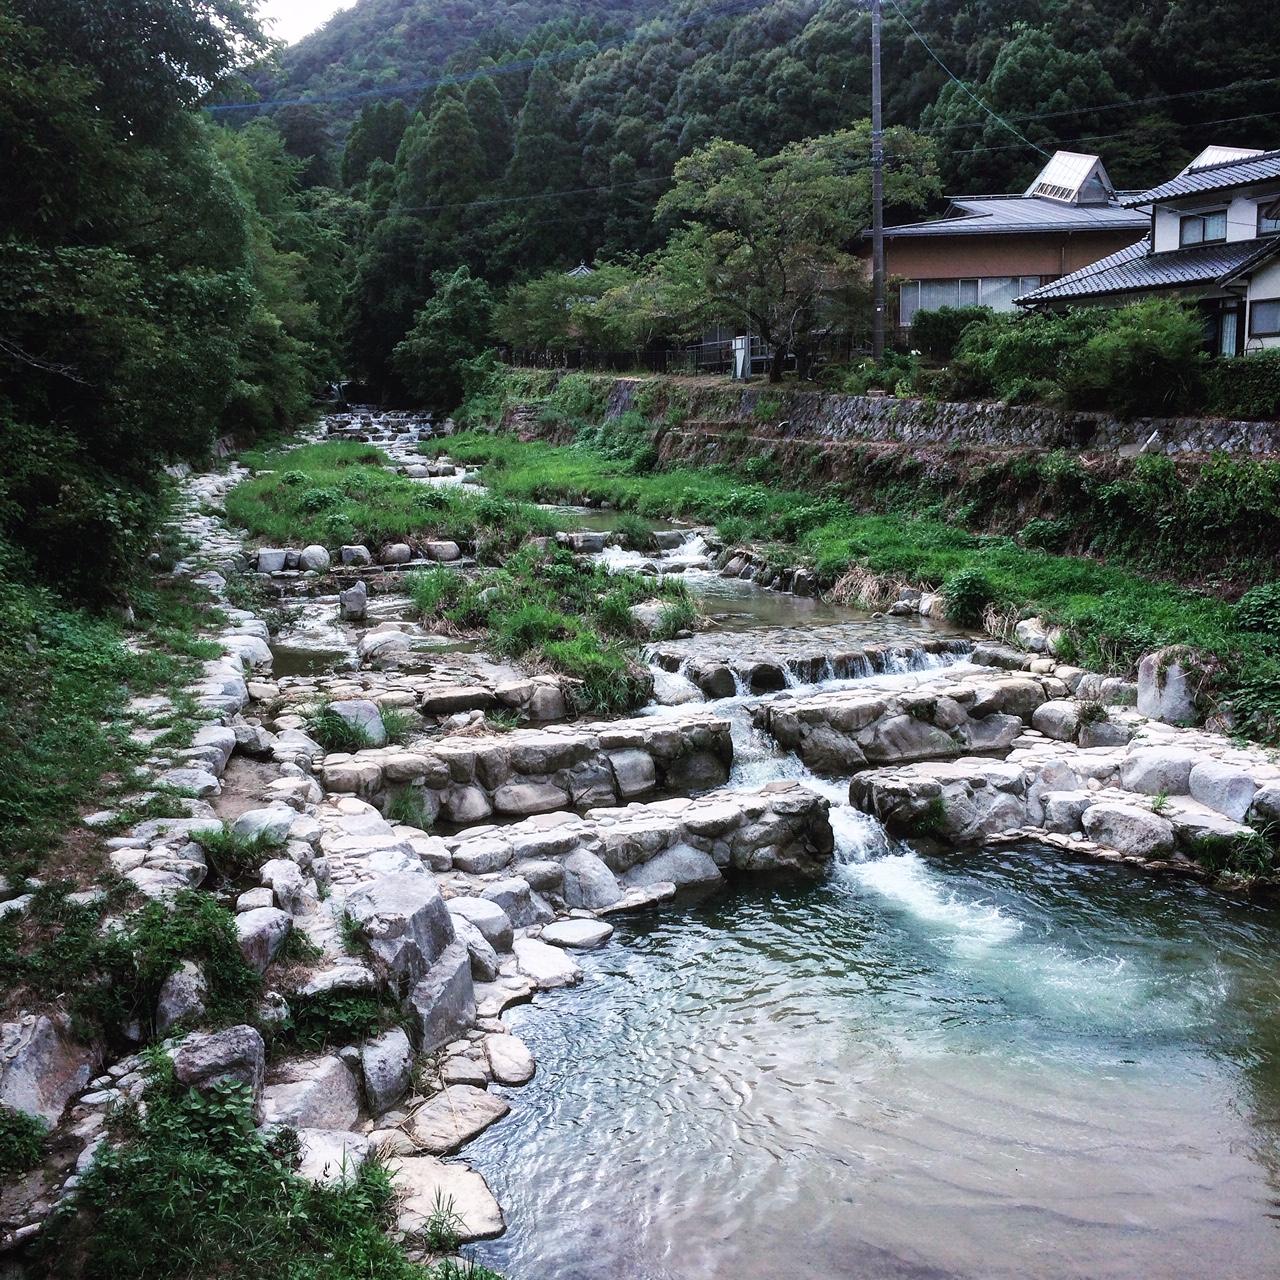 佐賀・古湯温泉の街並み